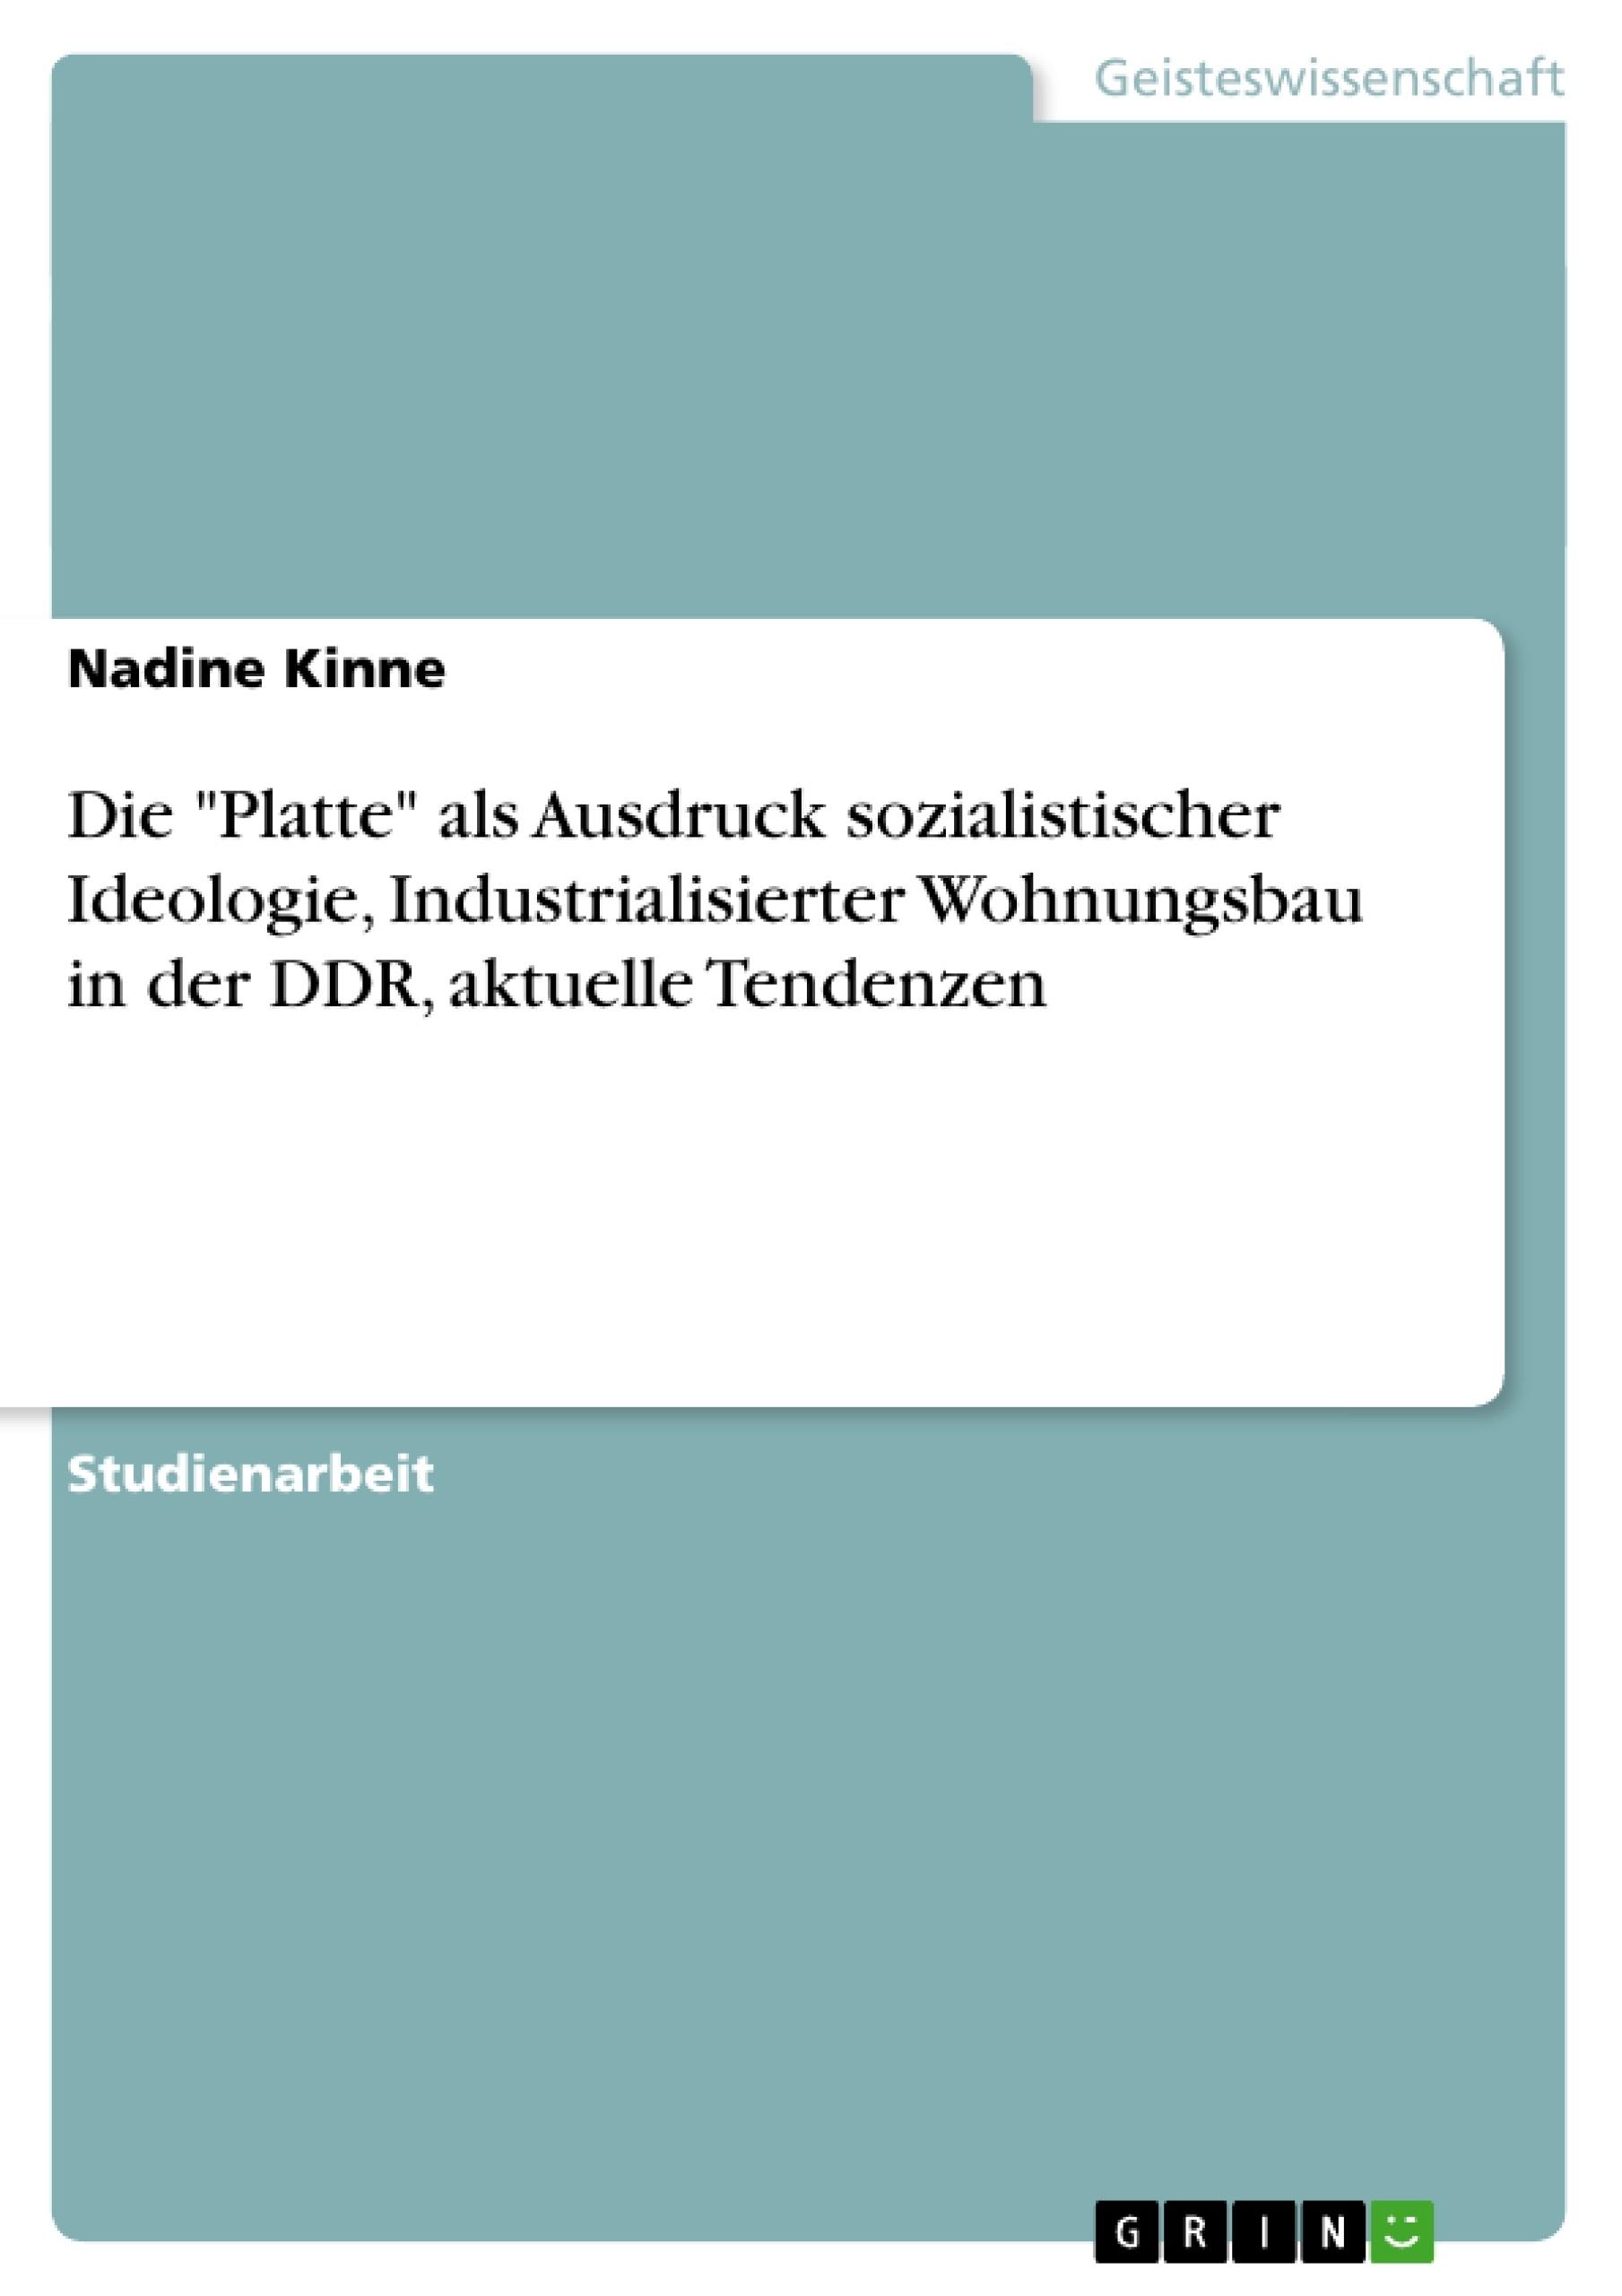 """Titel: Die """"Platte"""" als Ausdruck sozialistischer Ideologie, Industrialisierter Wohnungsbau in der DDR, aktuelle Tendenzen"""